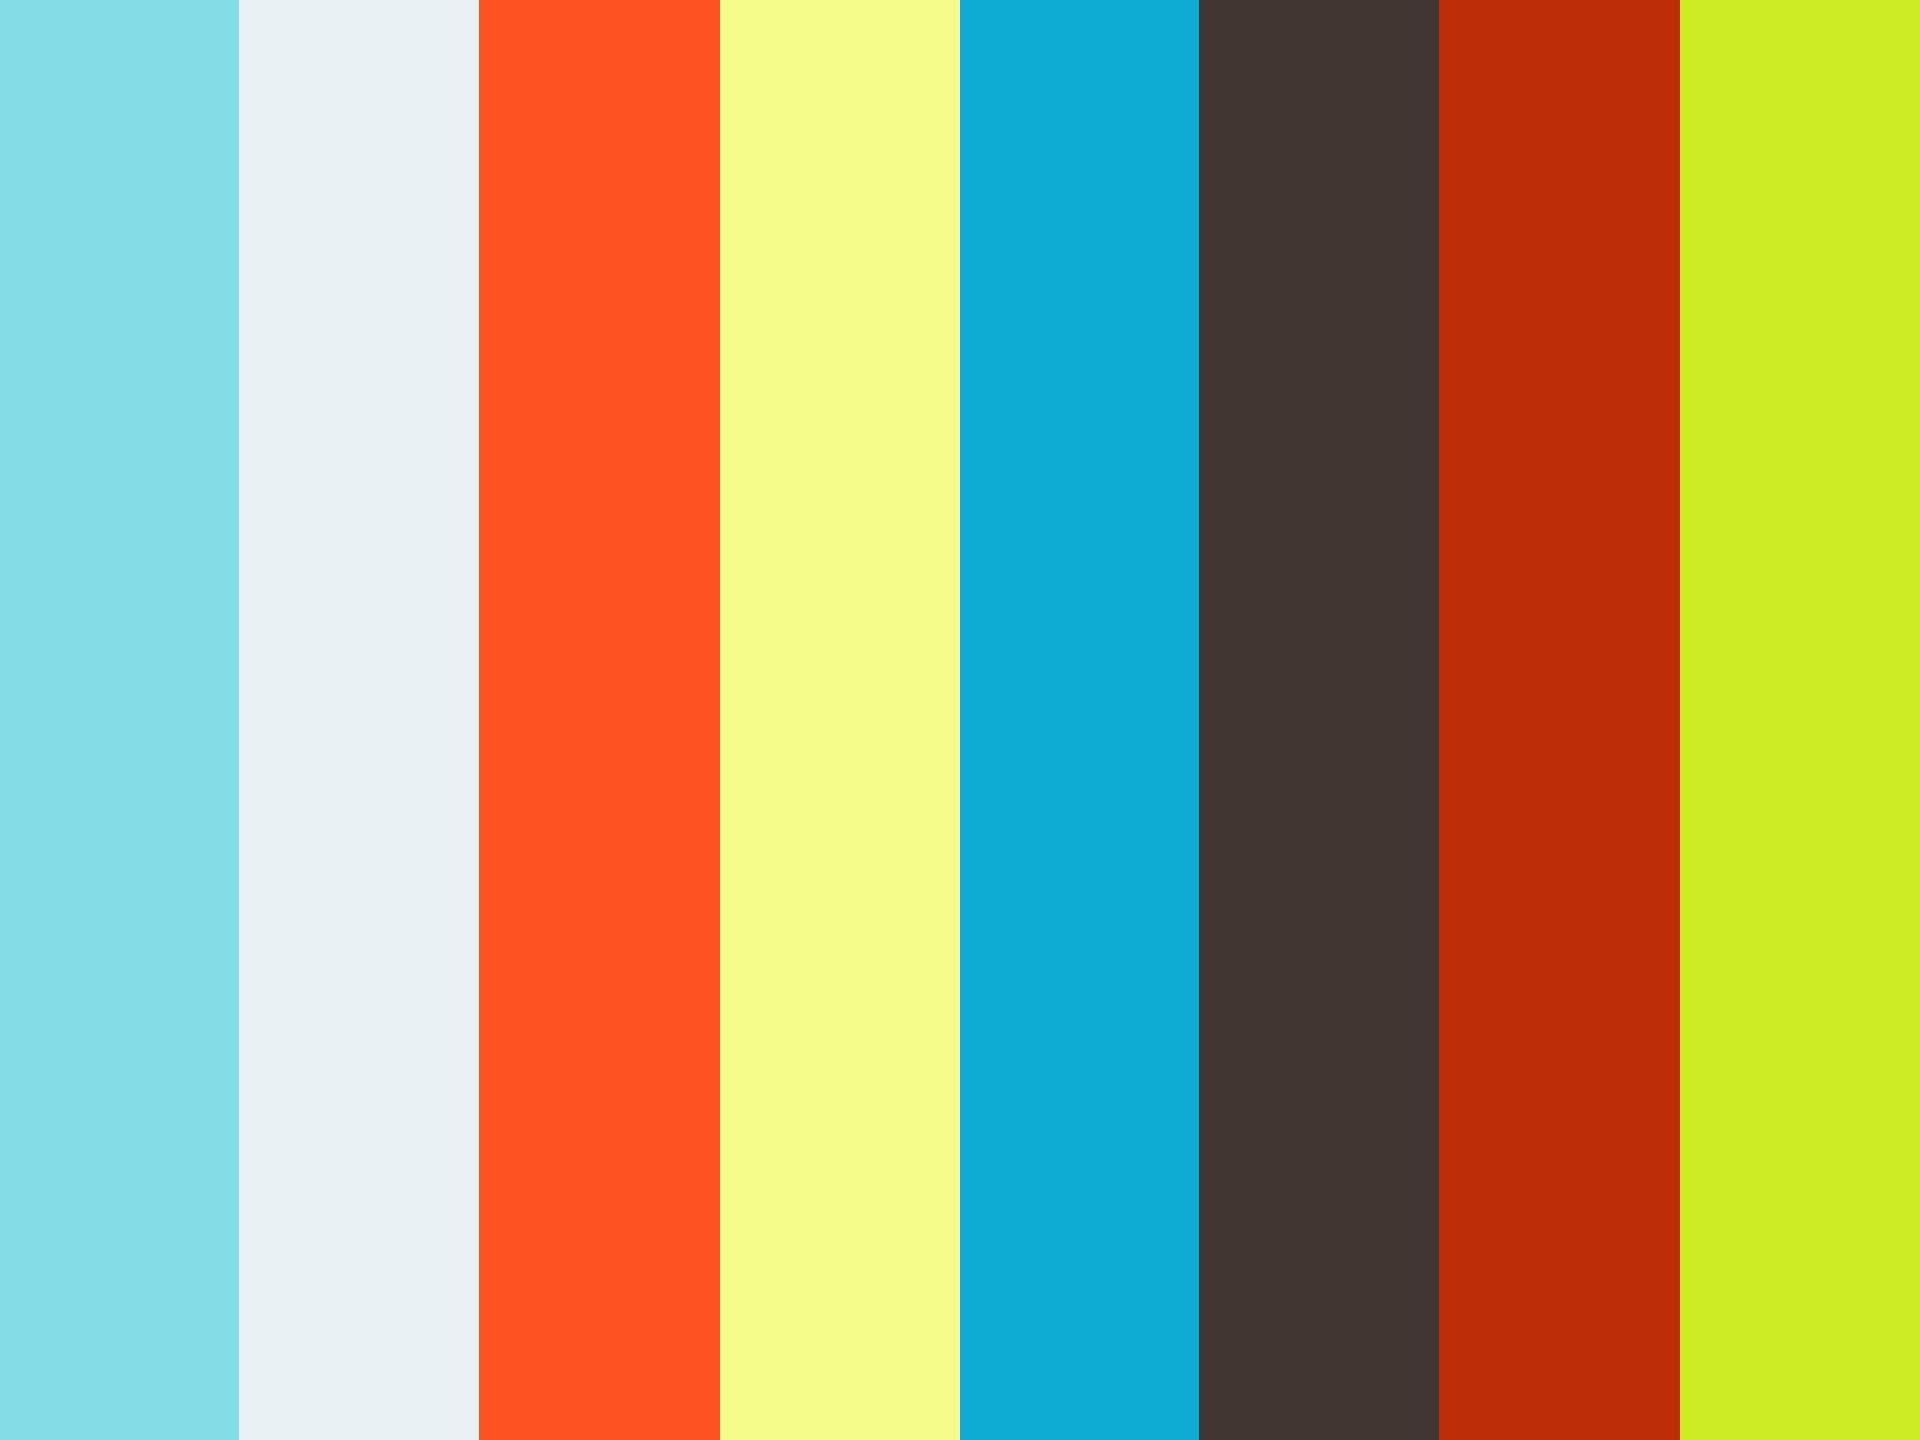 NISSAN XTRAIL - BLACK - 2009